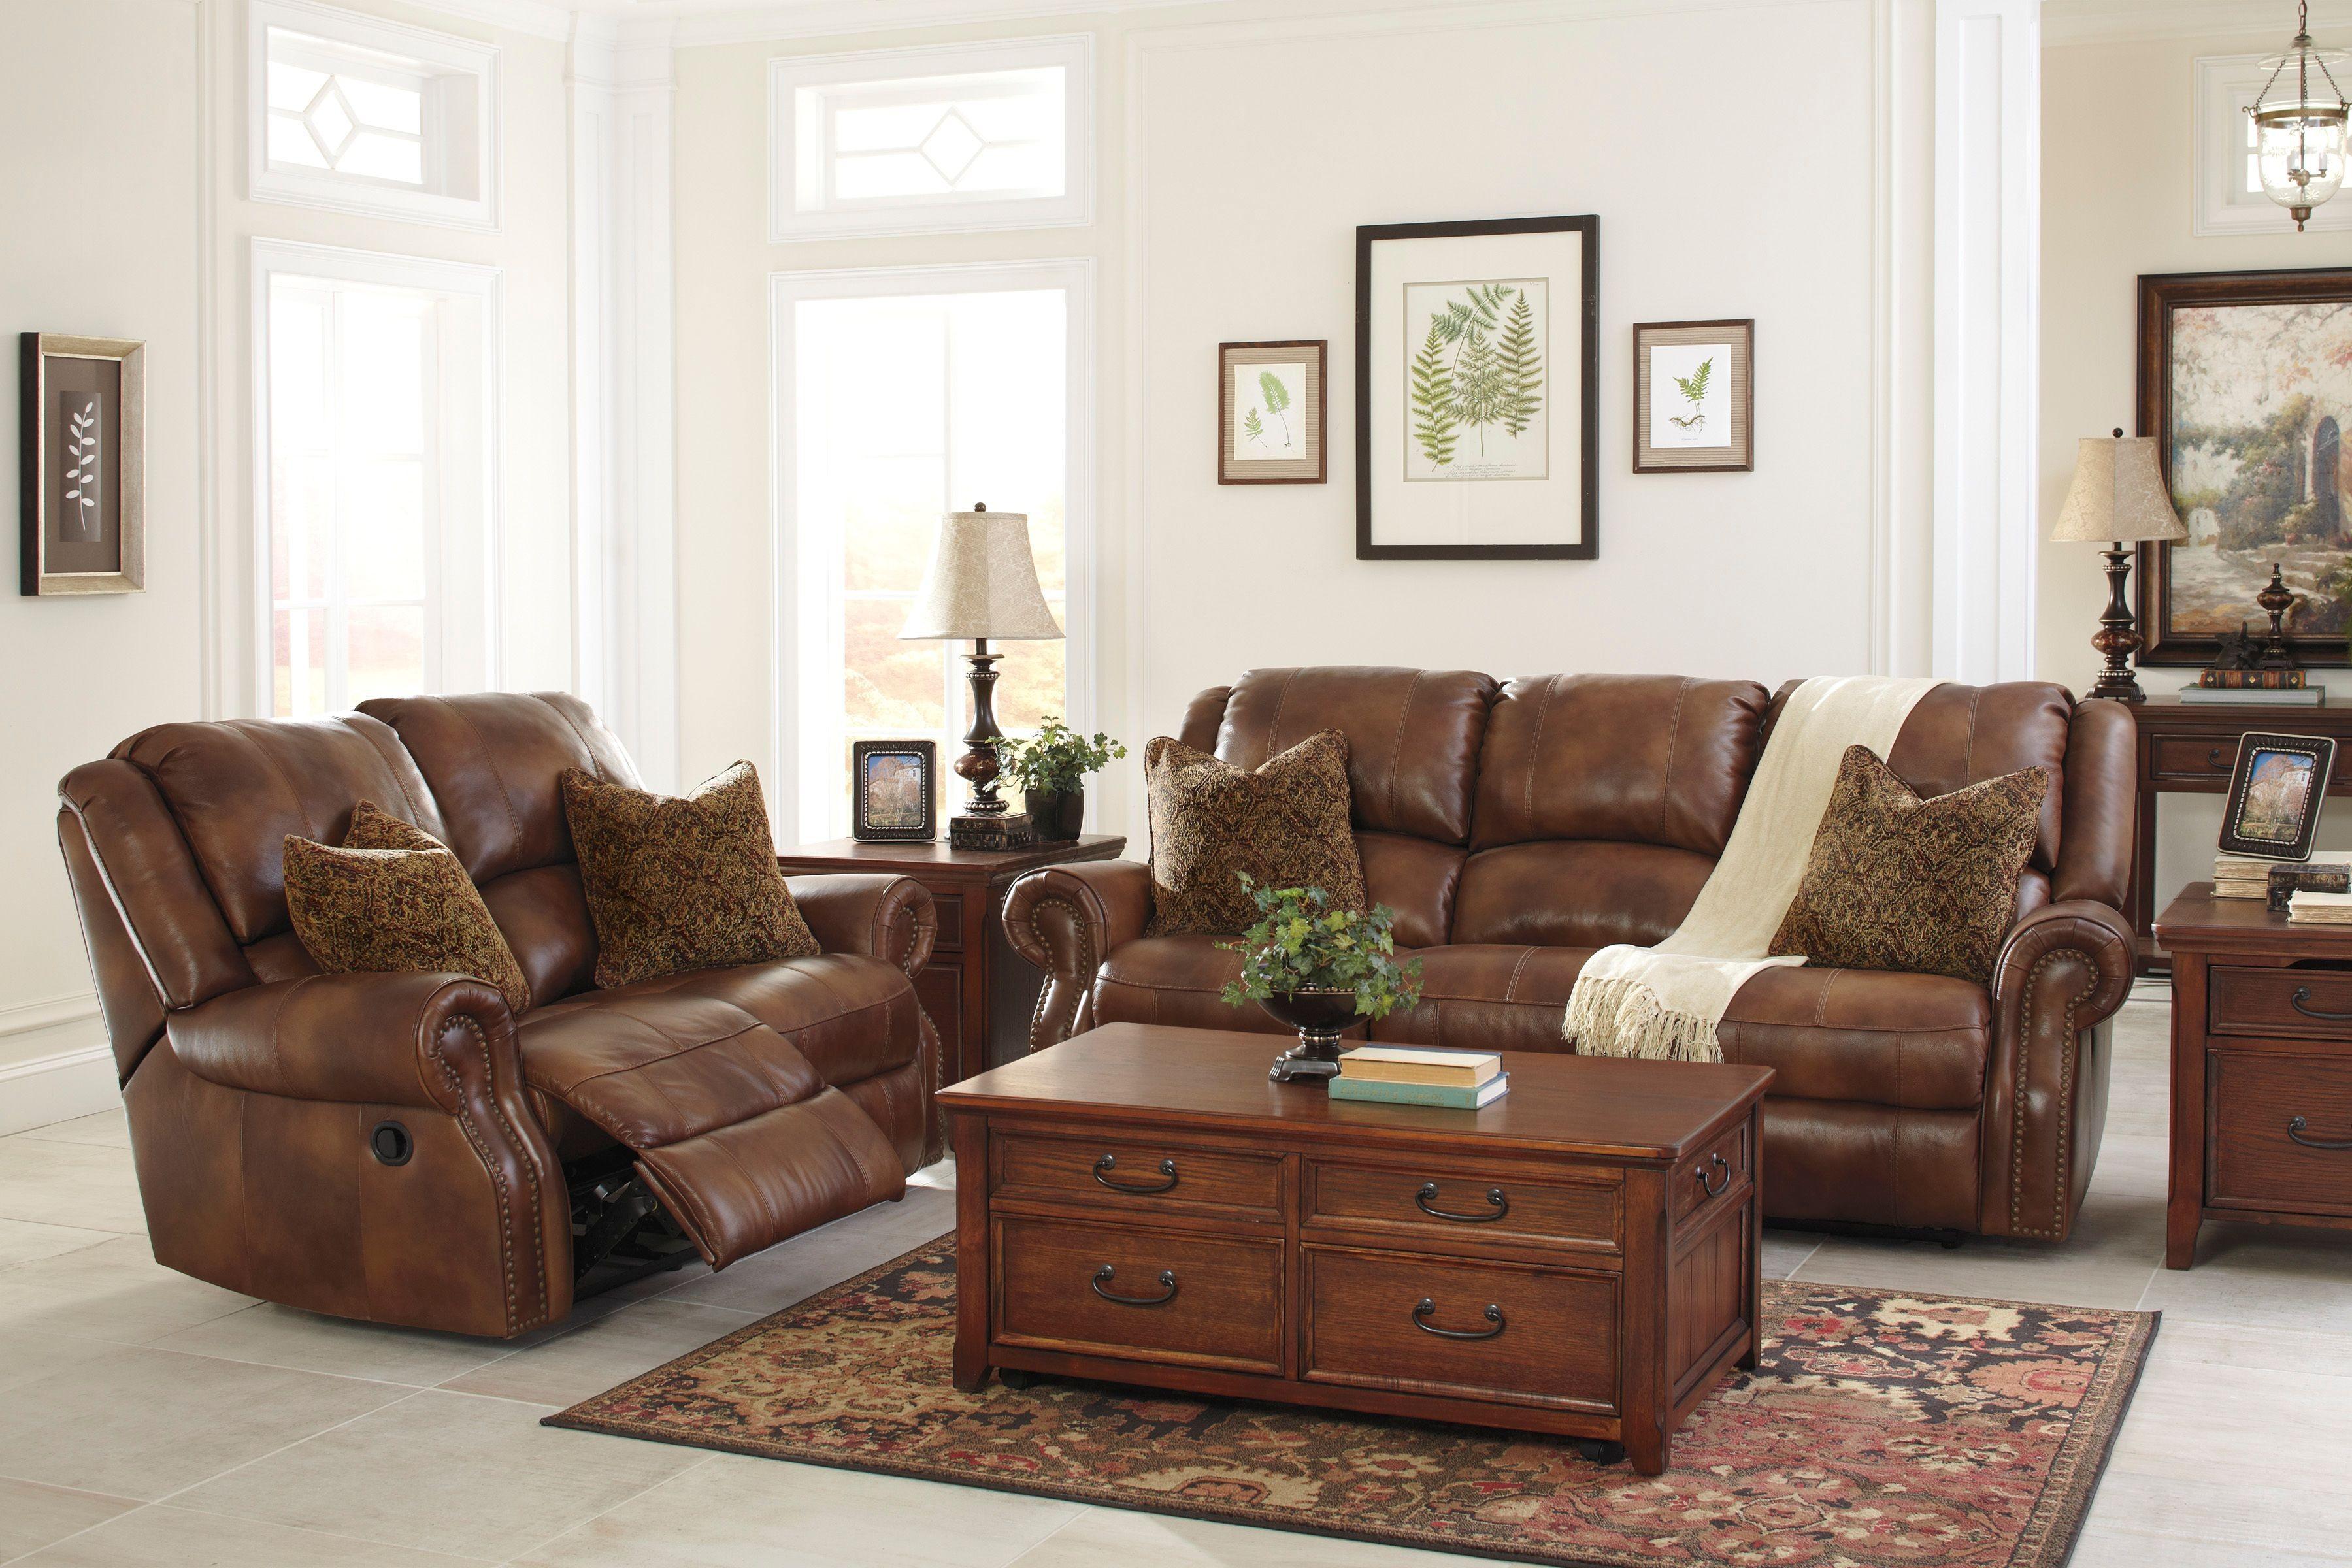 Walworth Auburn Reclining Living Room Set from Ashley (U78001-88 ...